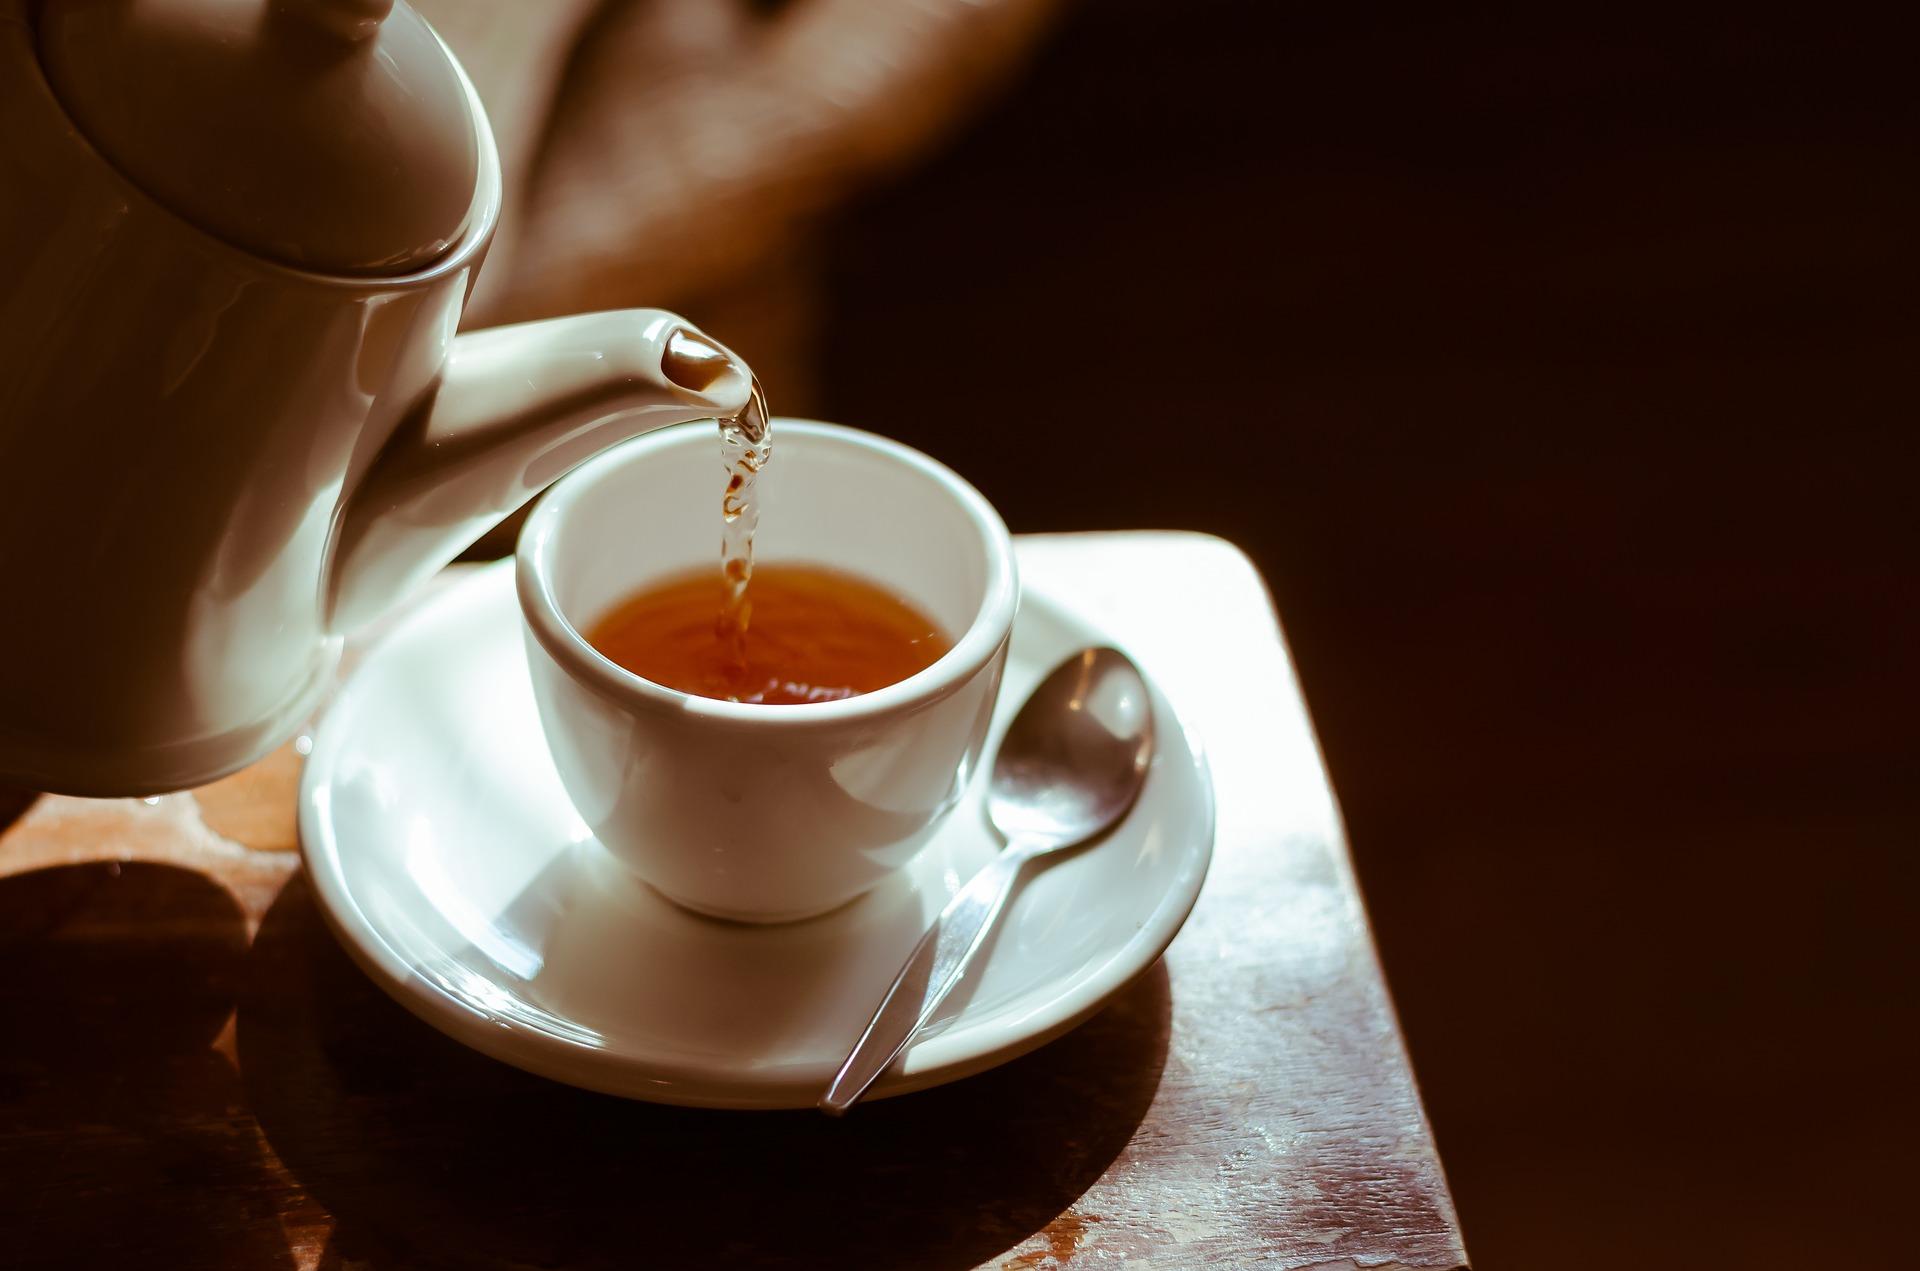 Rengeteg gyógyító hatása van a zöld teának. Érdemes a nehezen induló reggeleken bevetni.